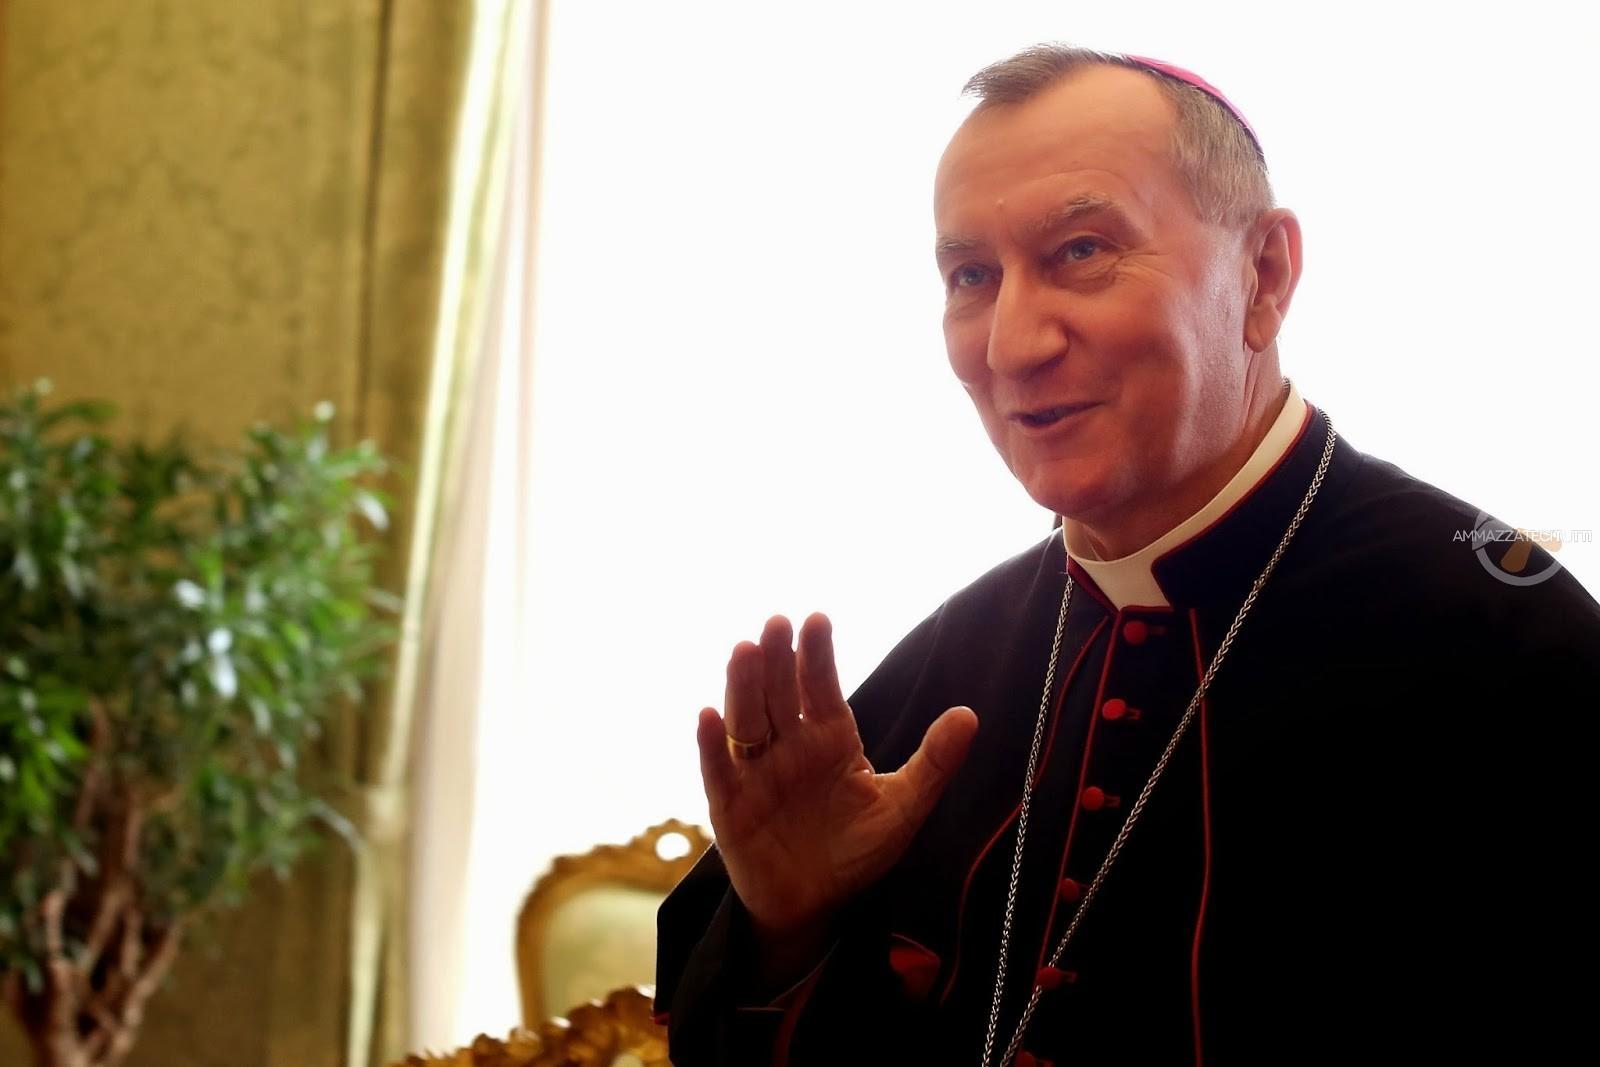 Il segretario di Stato Vaticano cardinal Pietro Parolin